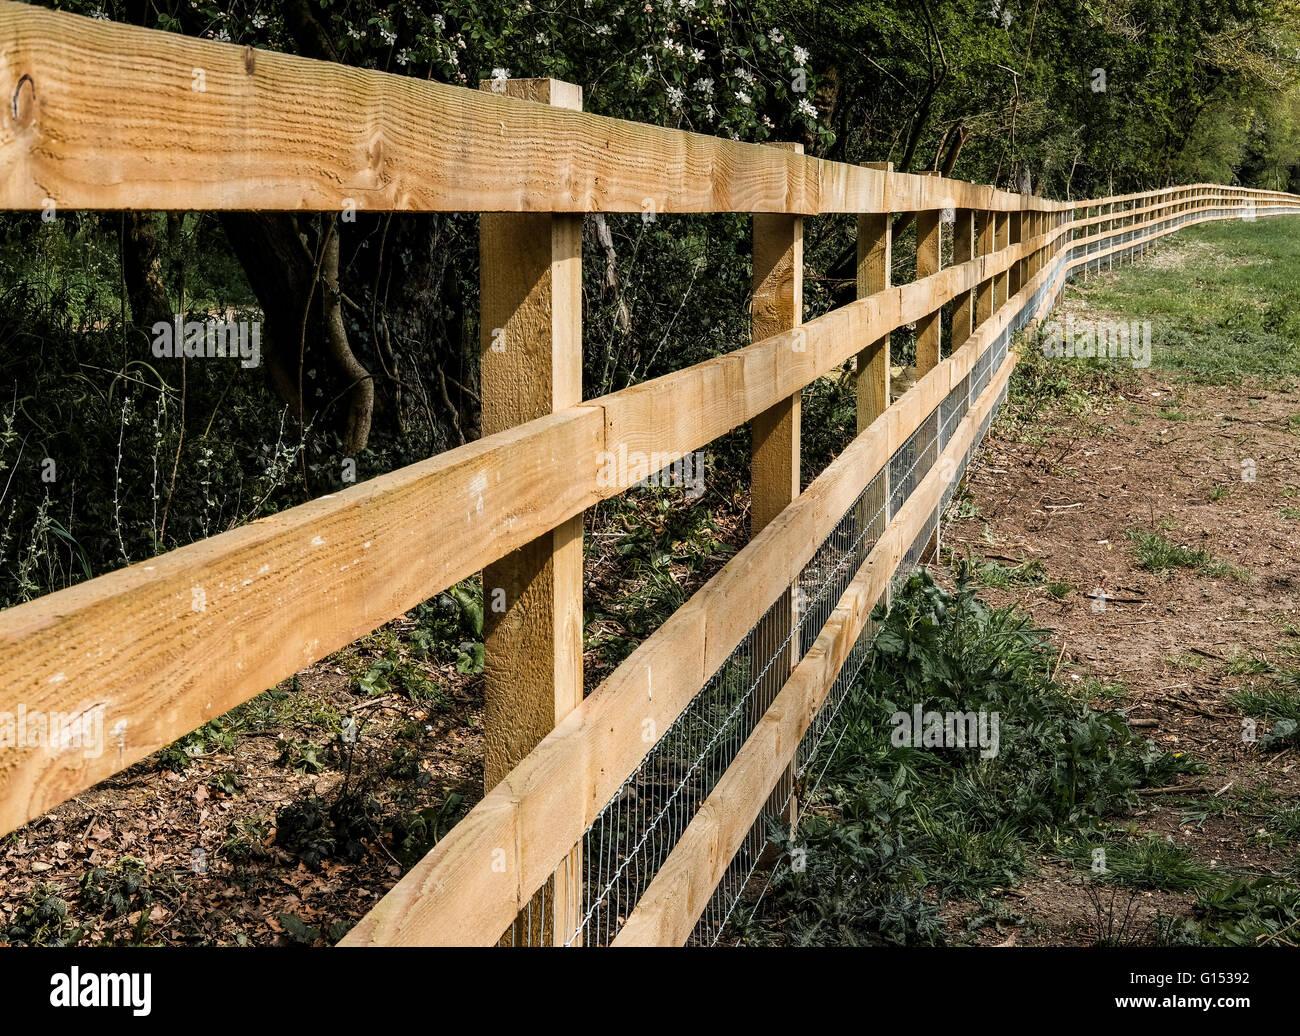 Fencing Wire Mesh Stockfotos & Fencing Wire Mesh Bilder - Seite 4 ...